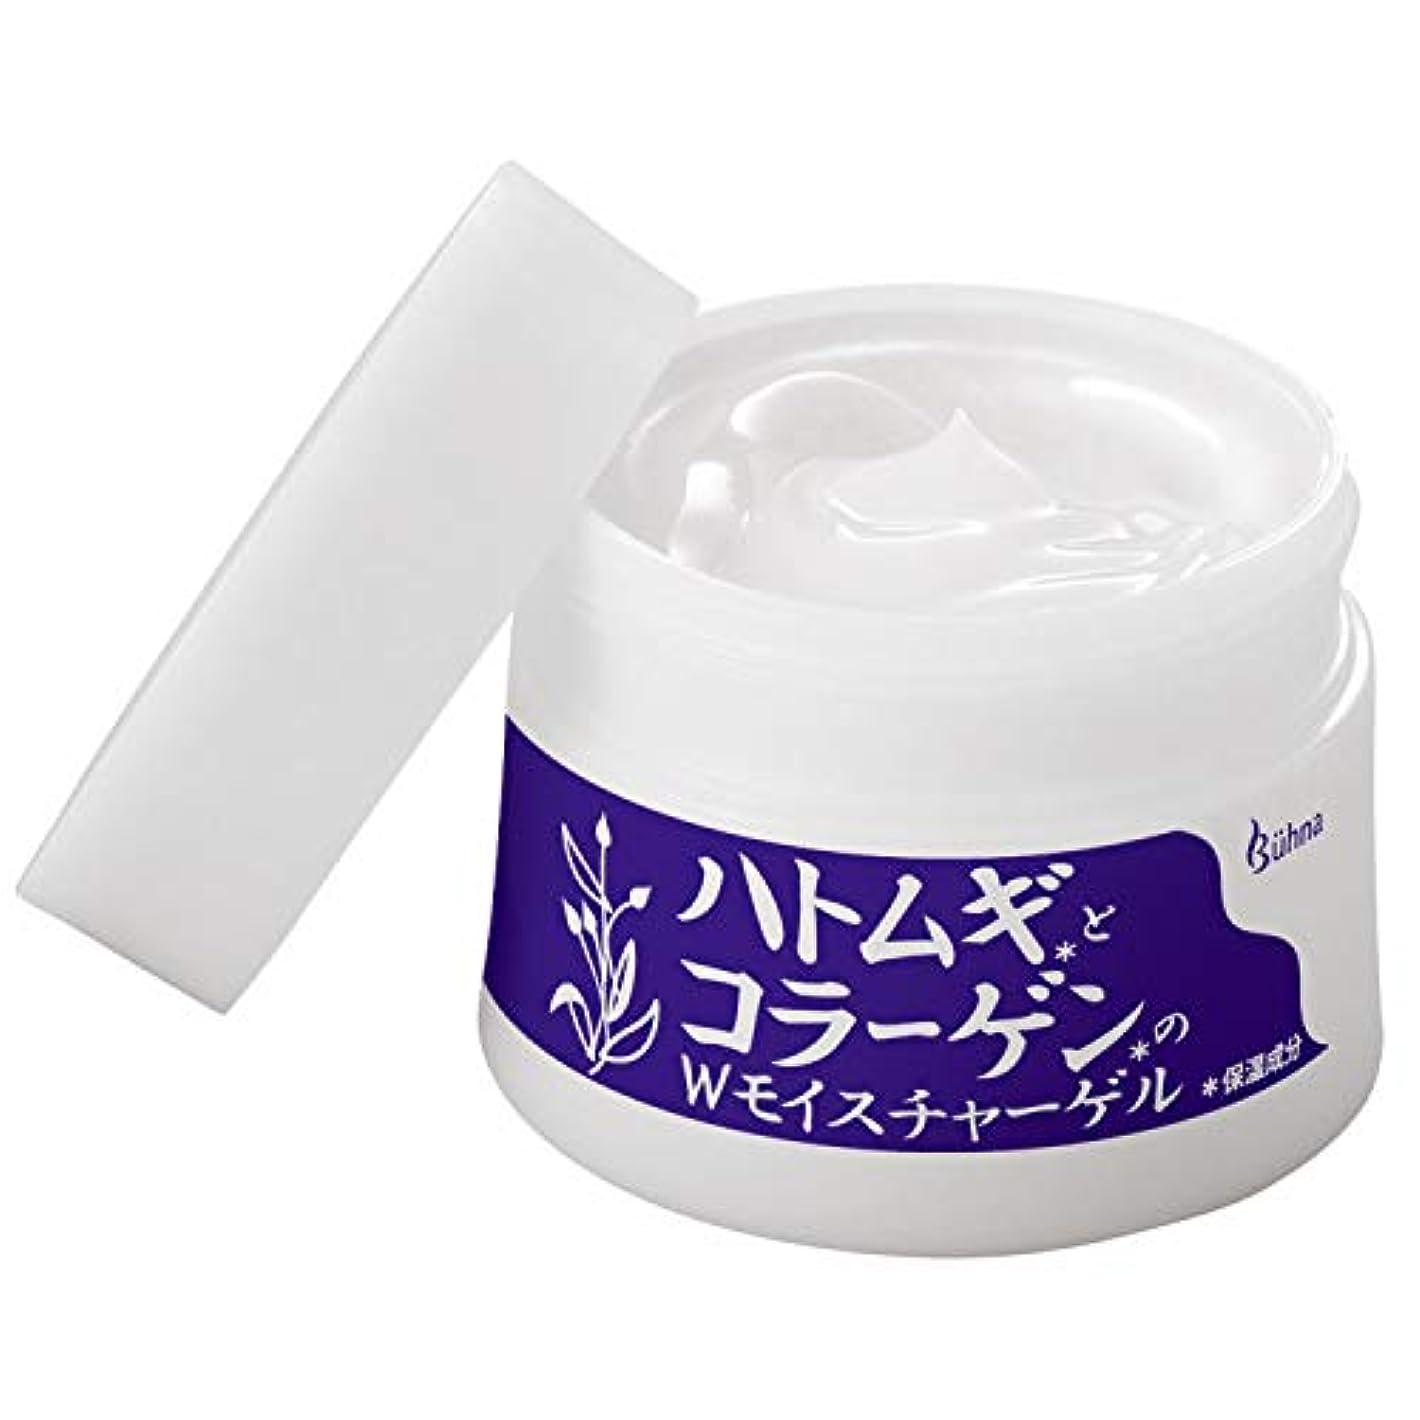 難しい応援する操作可能ビューナ ハトムギとコラーゲンのWモイスチャーゲル150g 保湿 オールインワン 美容液 化粧水 乳液